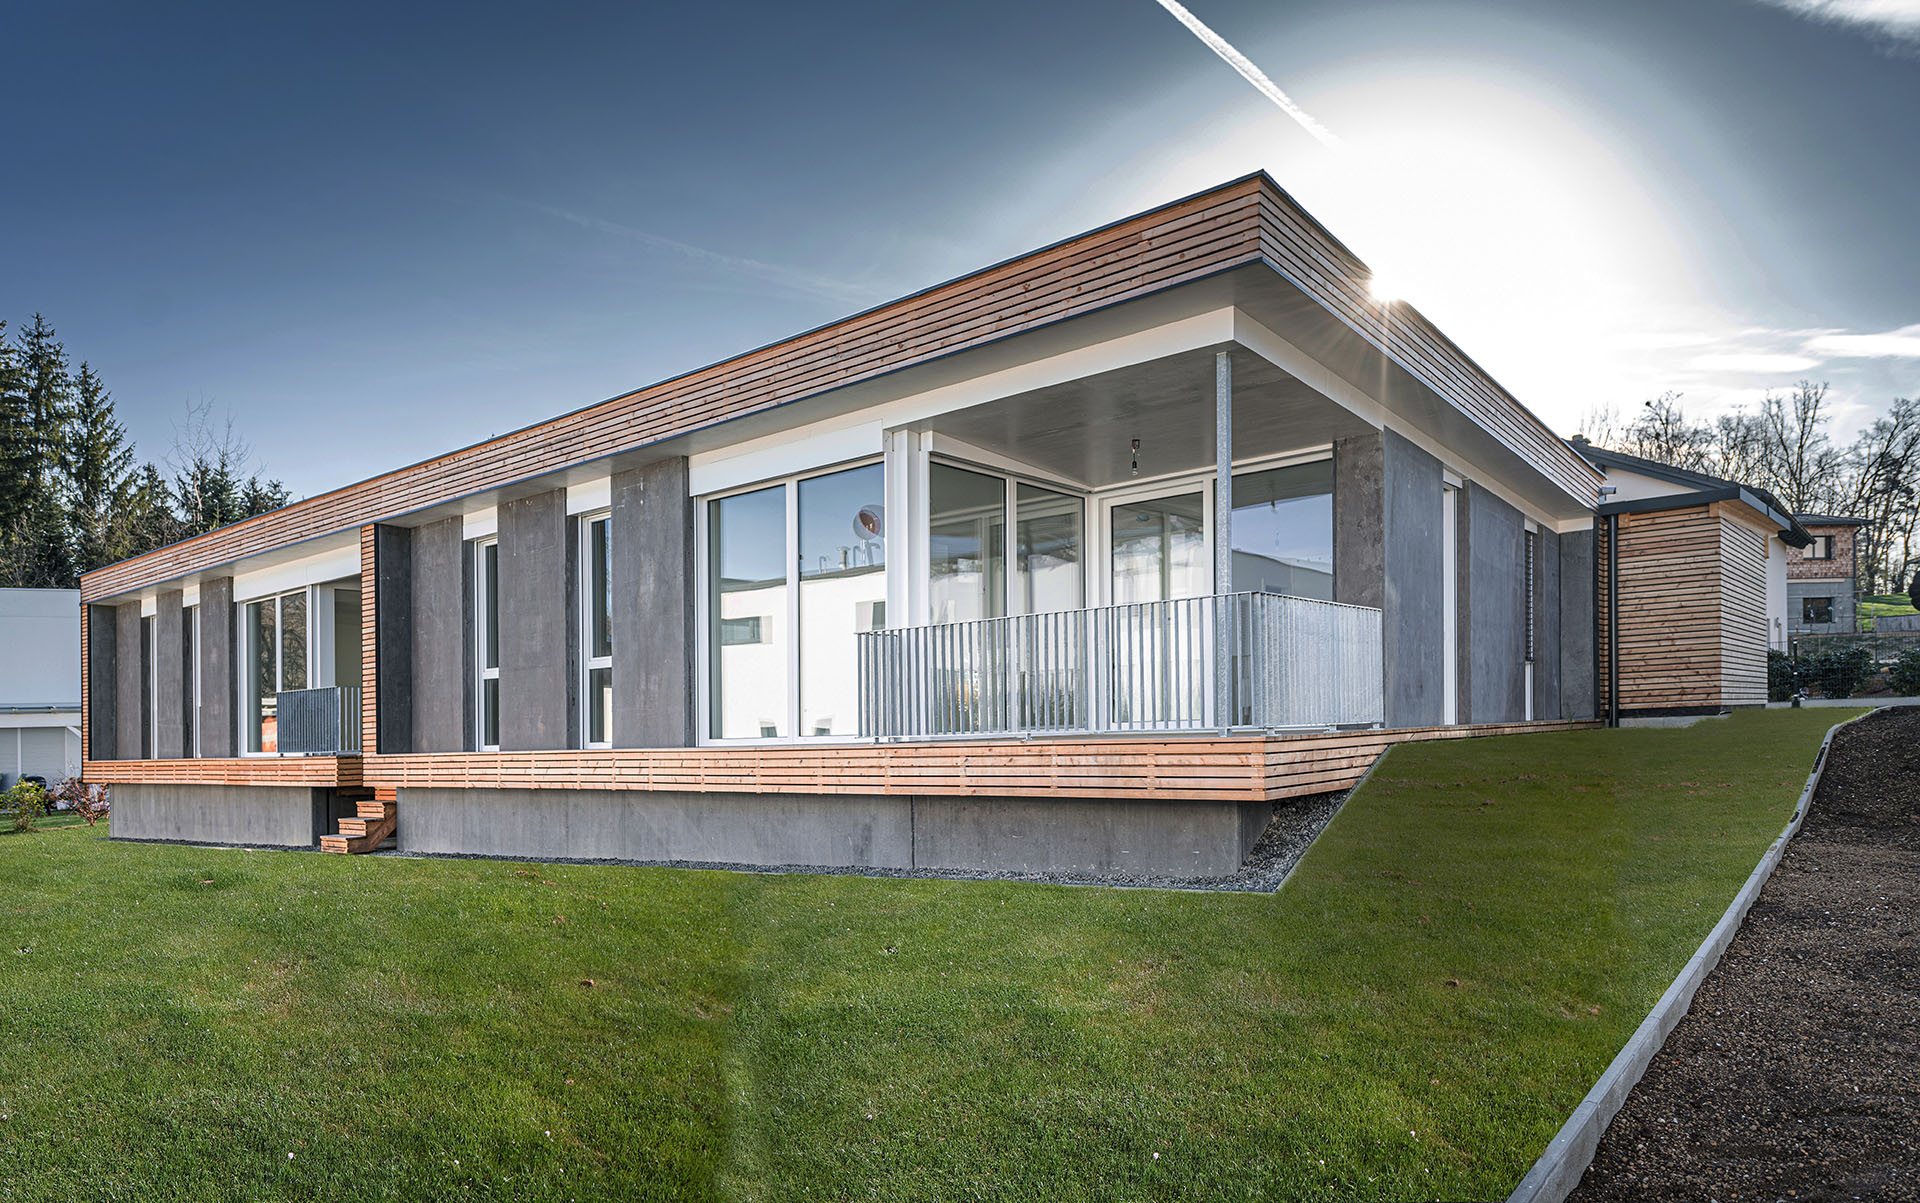 EFA-Haus-Voitsberg-2021-a, Ansicht schräg seitlich von vorne mit Abstellraum, Eingangsbereich und Terrasse